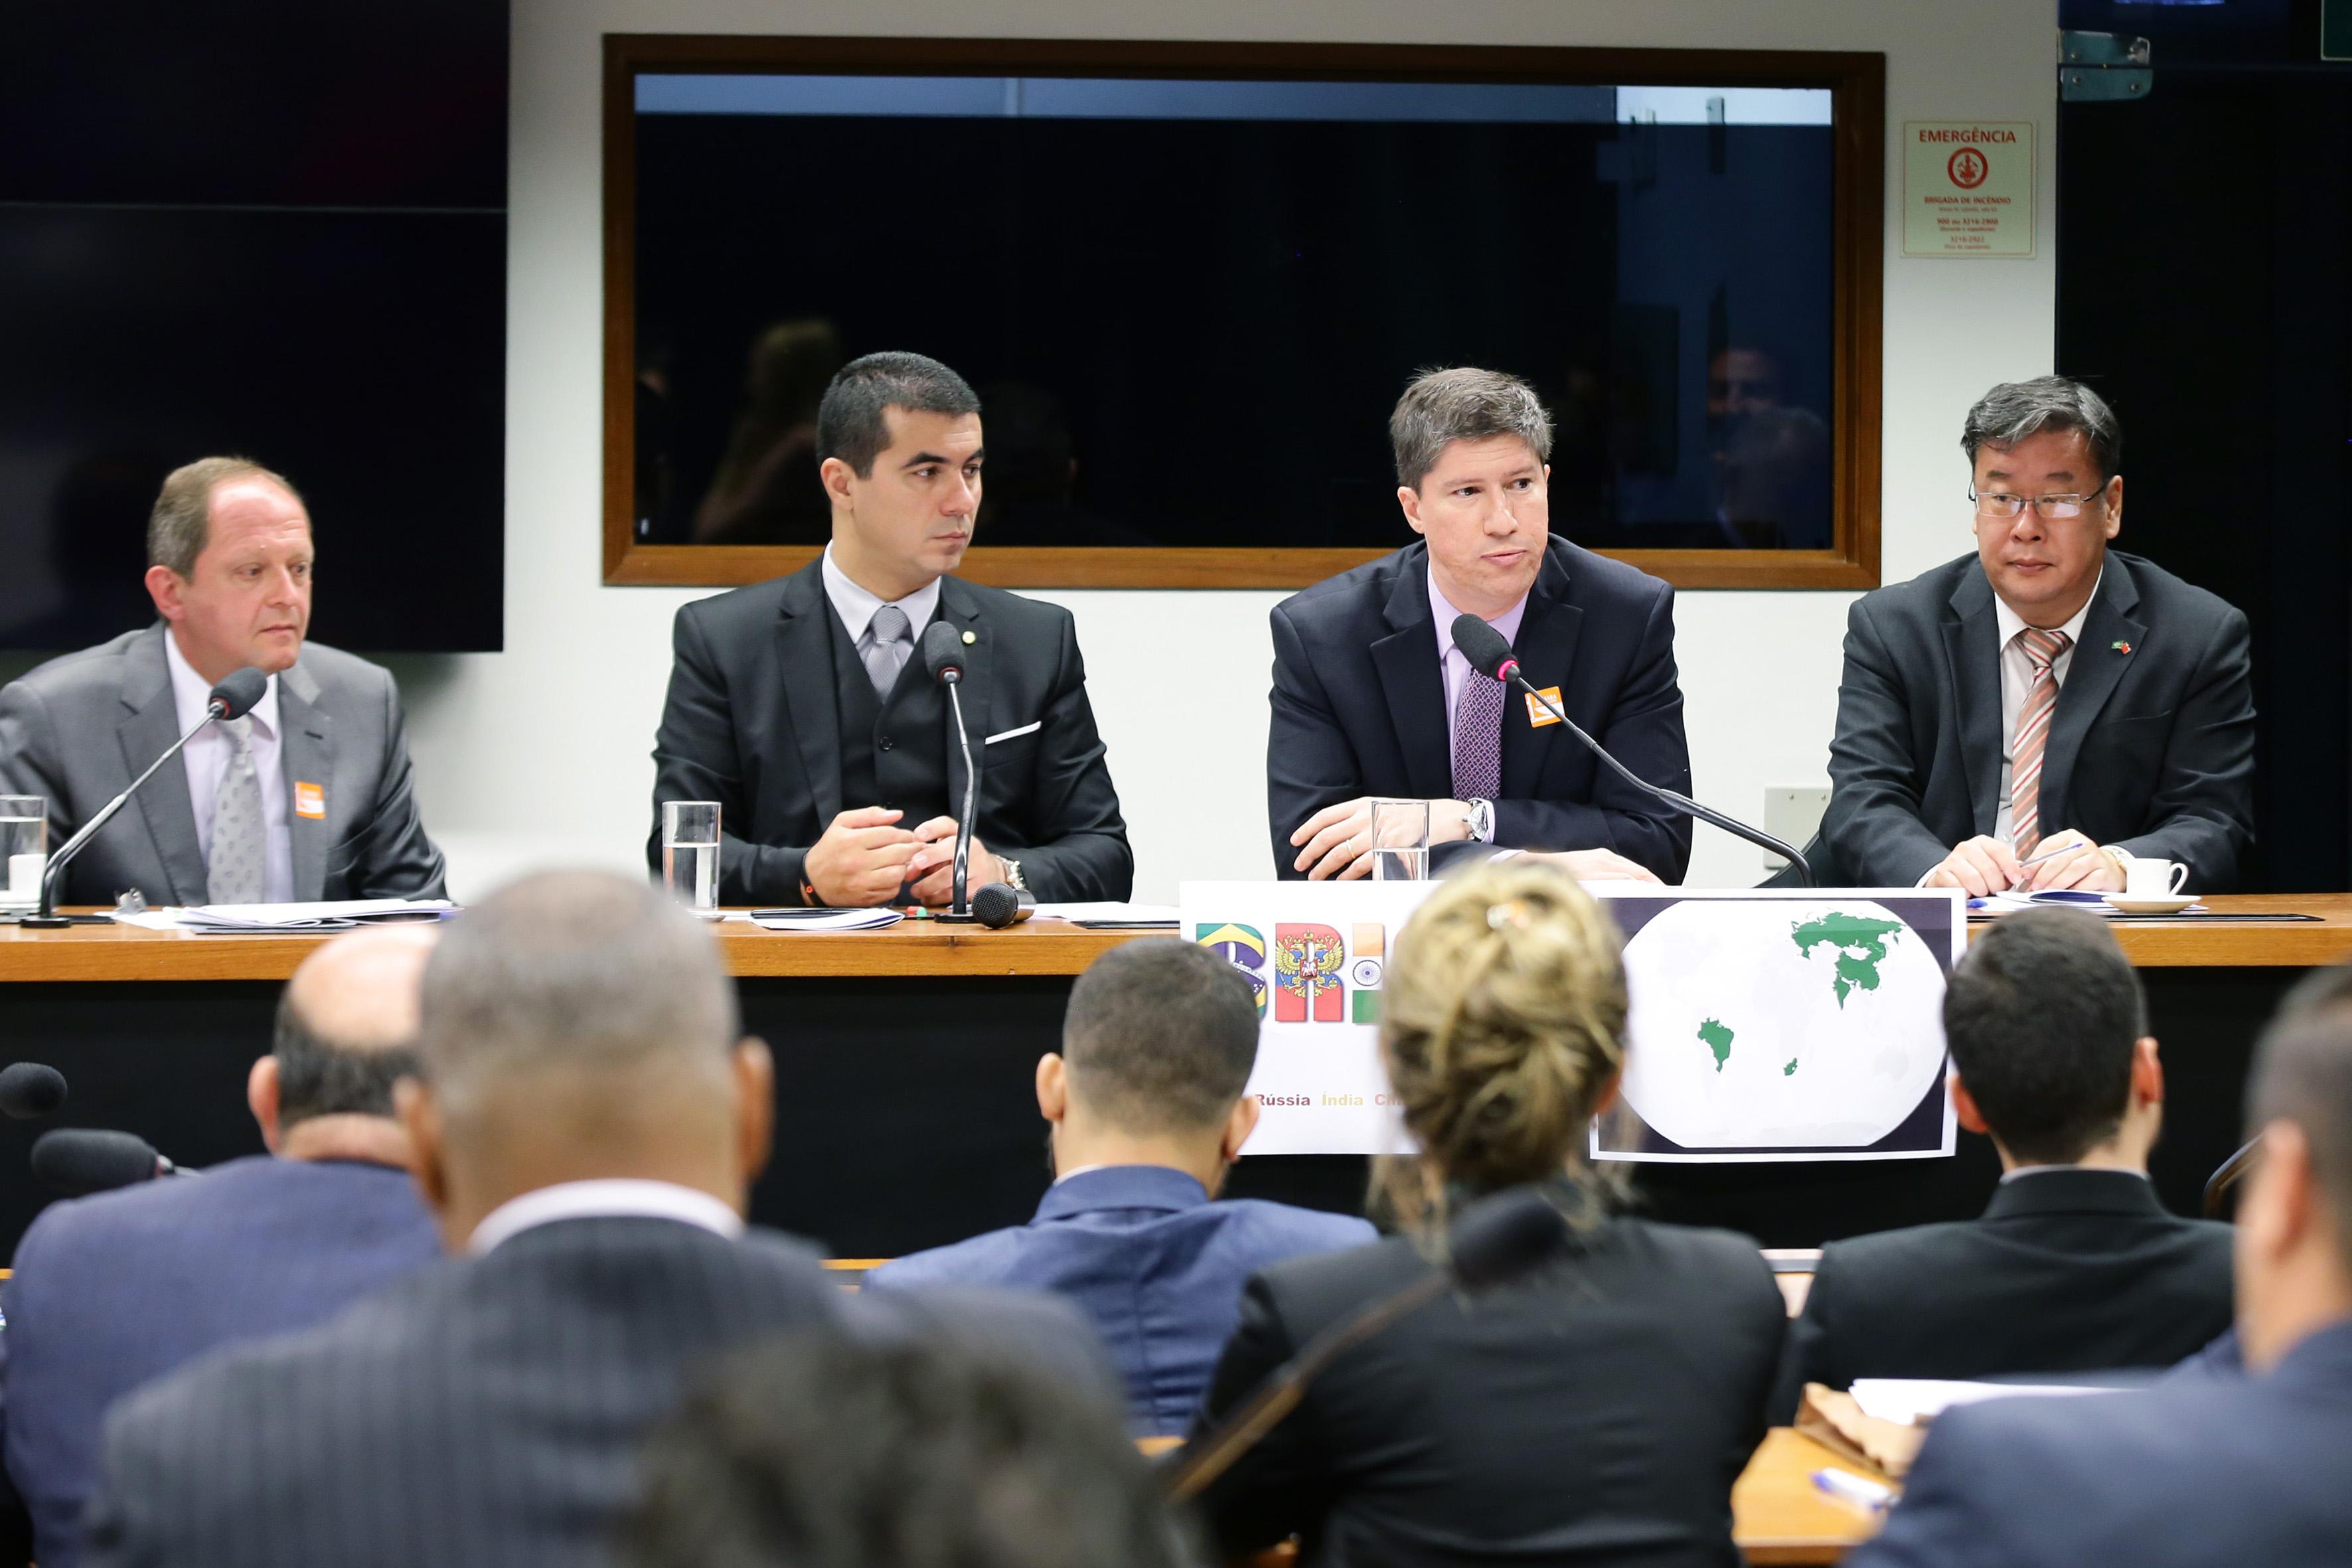 Reunião para discutir o fortalecimento do Brics e das casas legislativas que compõem o grupo: Brasil, Rússia, India e China